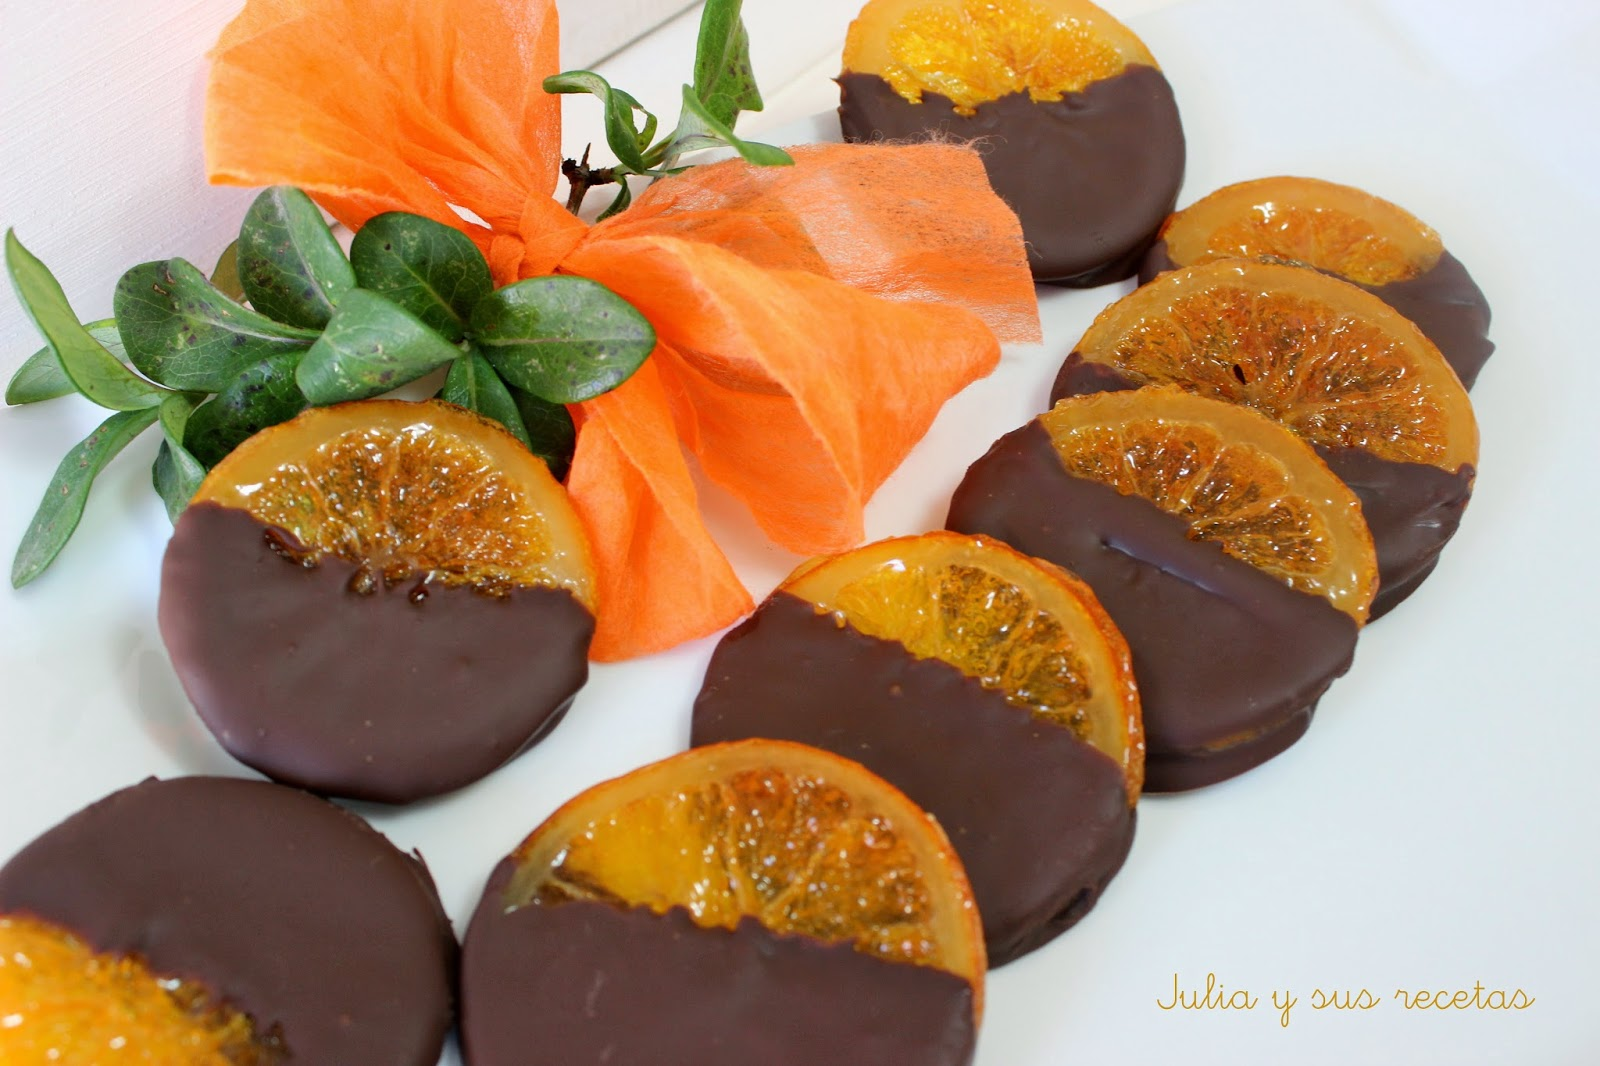 Naranjas confitadas con chocolate. Julia y sus recetas